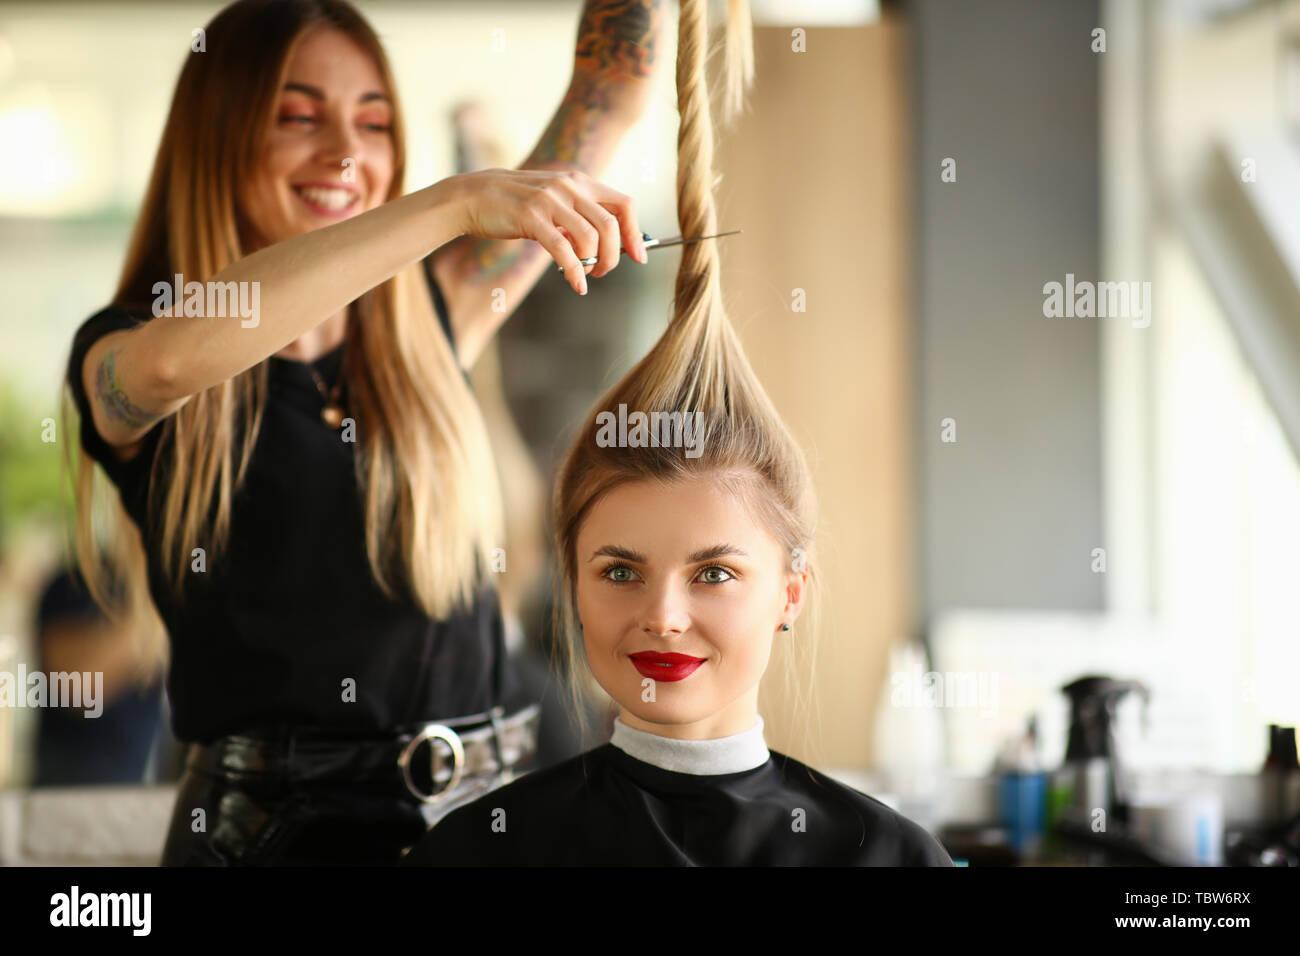 Getting A Haircut 58